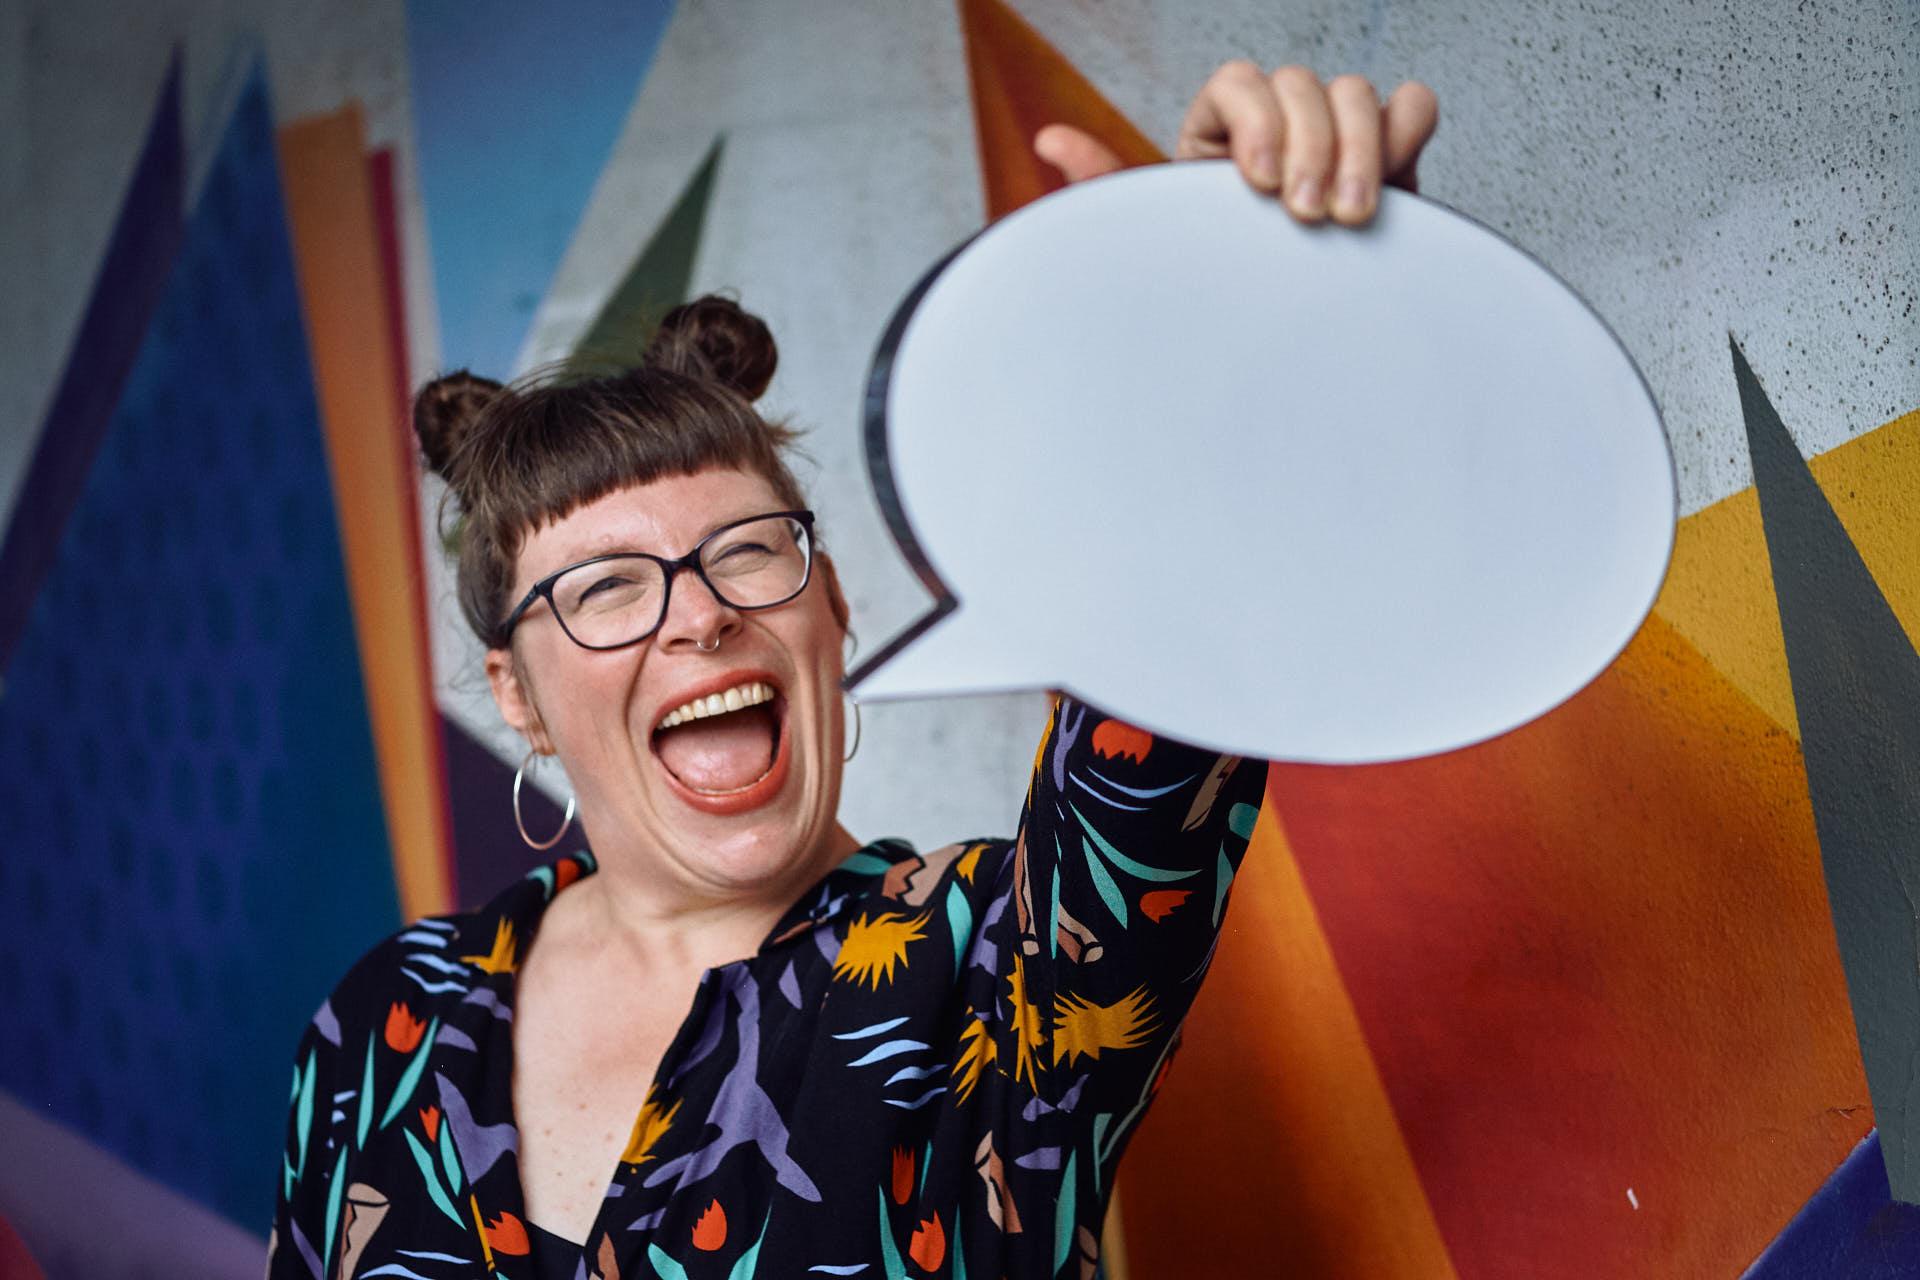 Sängerin Gitte Wolffson hält lachend eine Sprechblase hoch